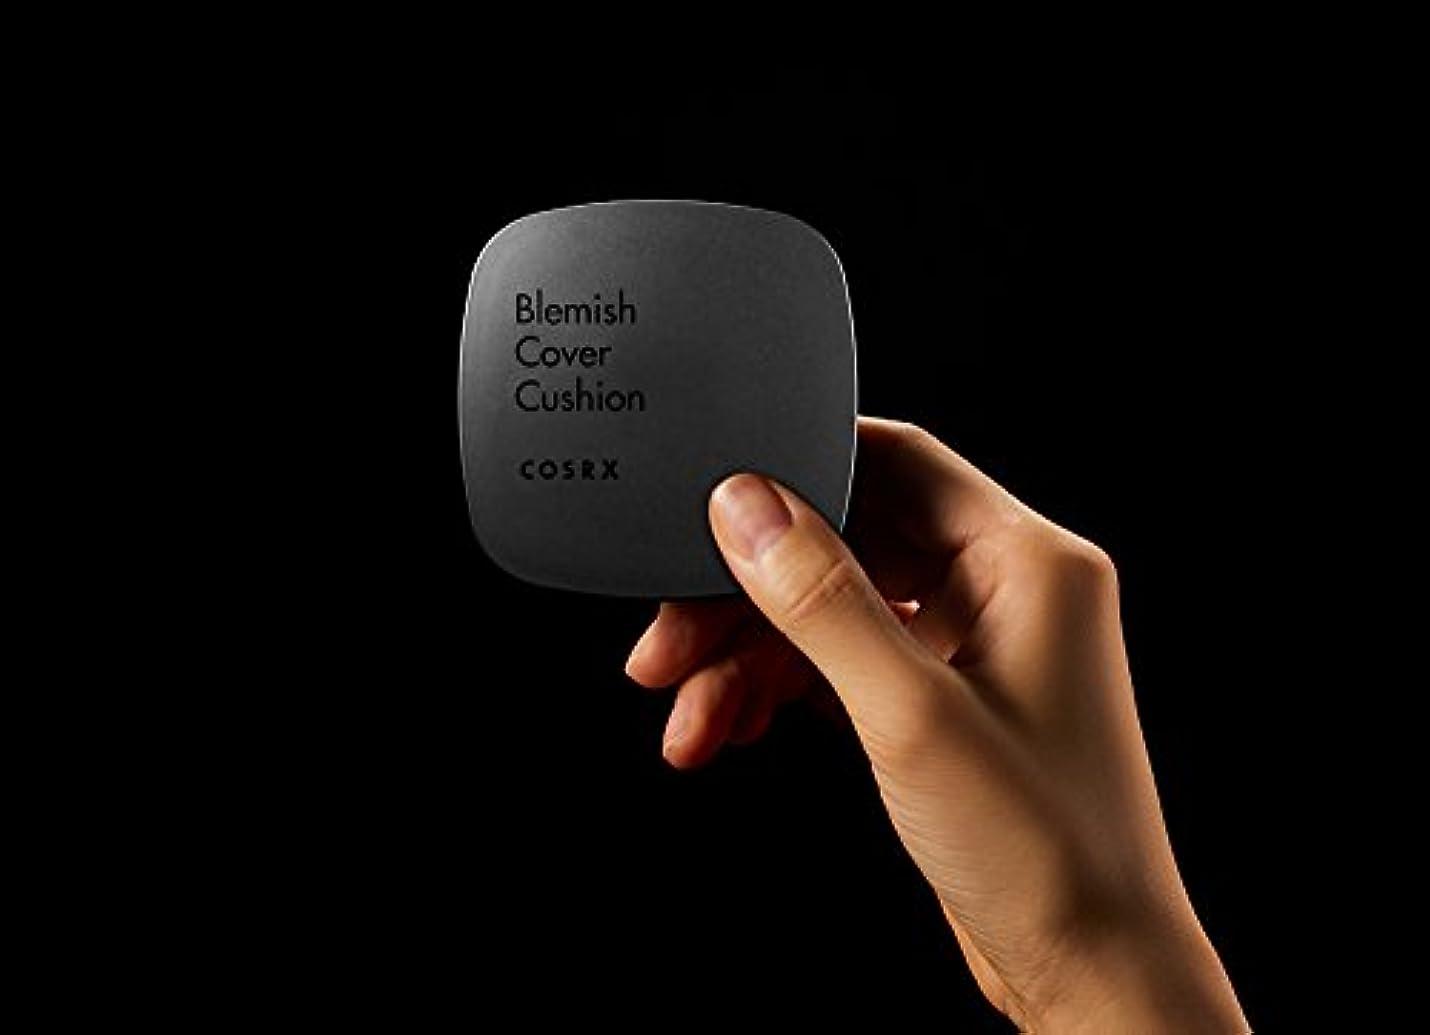 賠償地区繊維[ RENEWAL!! ] COSRX Clear Cover Blemish Cushion 15g/COSRX クリアカバー ブレミッシュ クッション 15g (#21 bright) [並行輸入品]